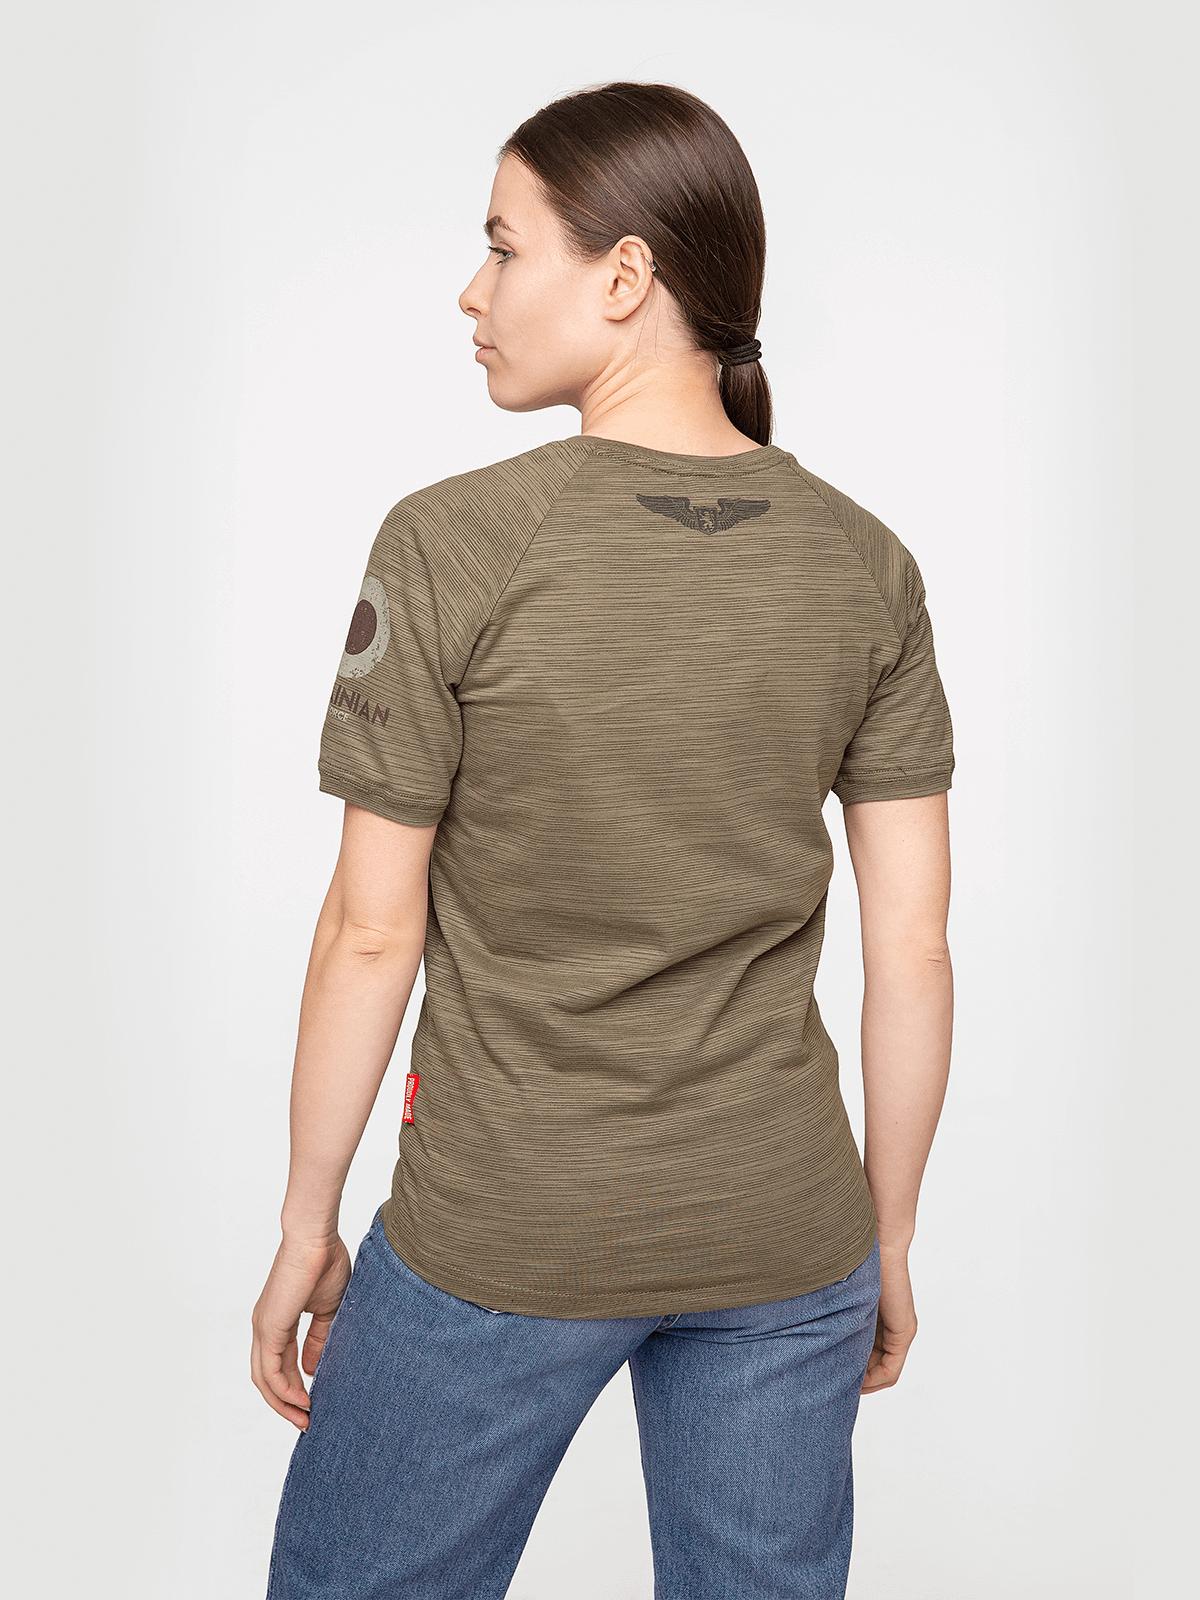 Жіноча Футболка Flanker. Колір хакі коричневий.  Матеріал: 95% бавовна, 5% спандекс.